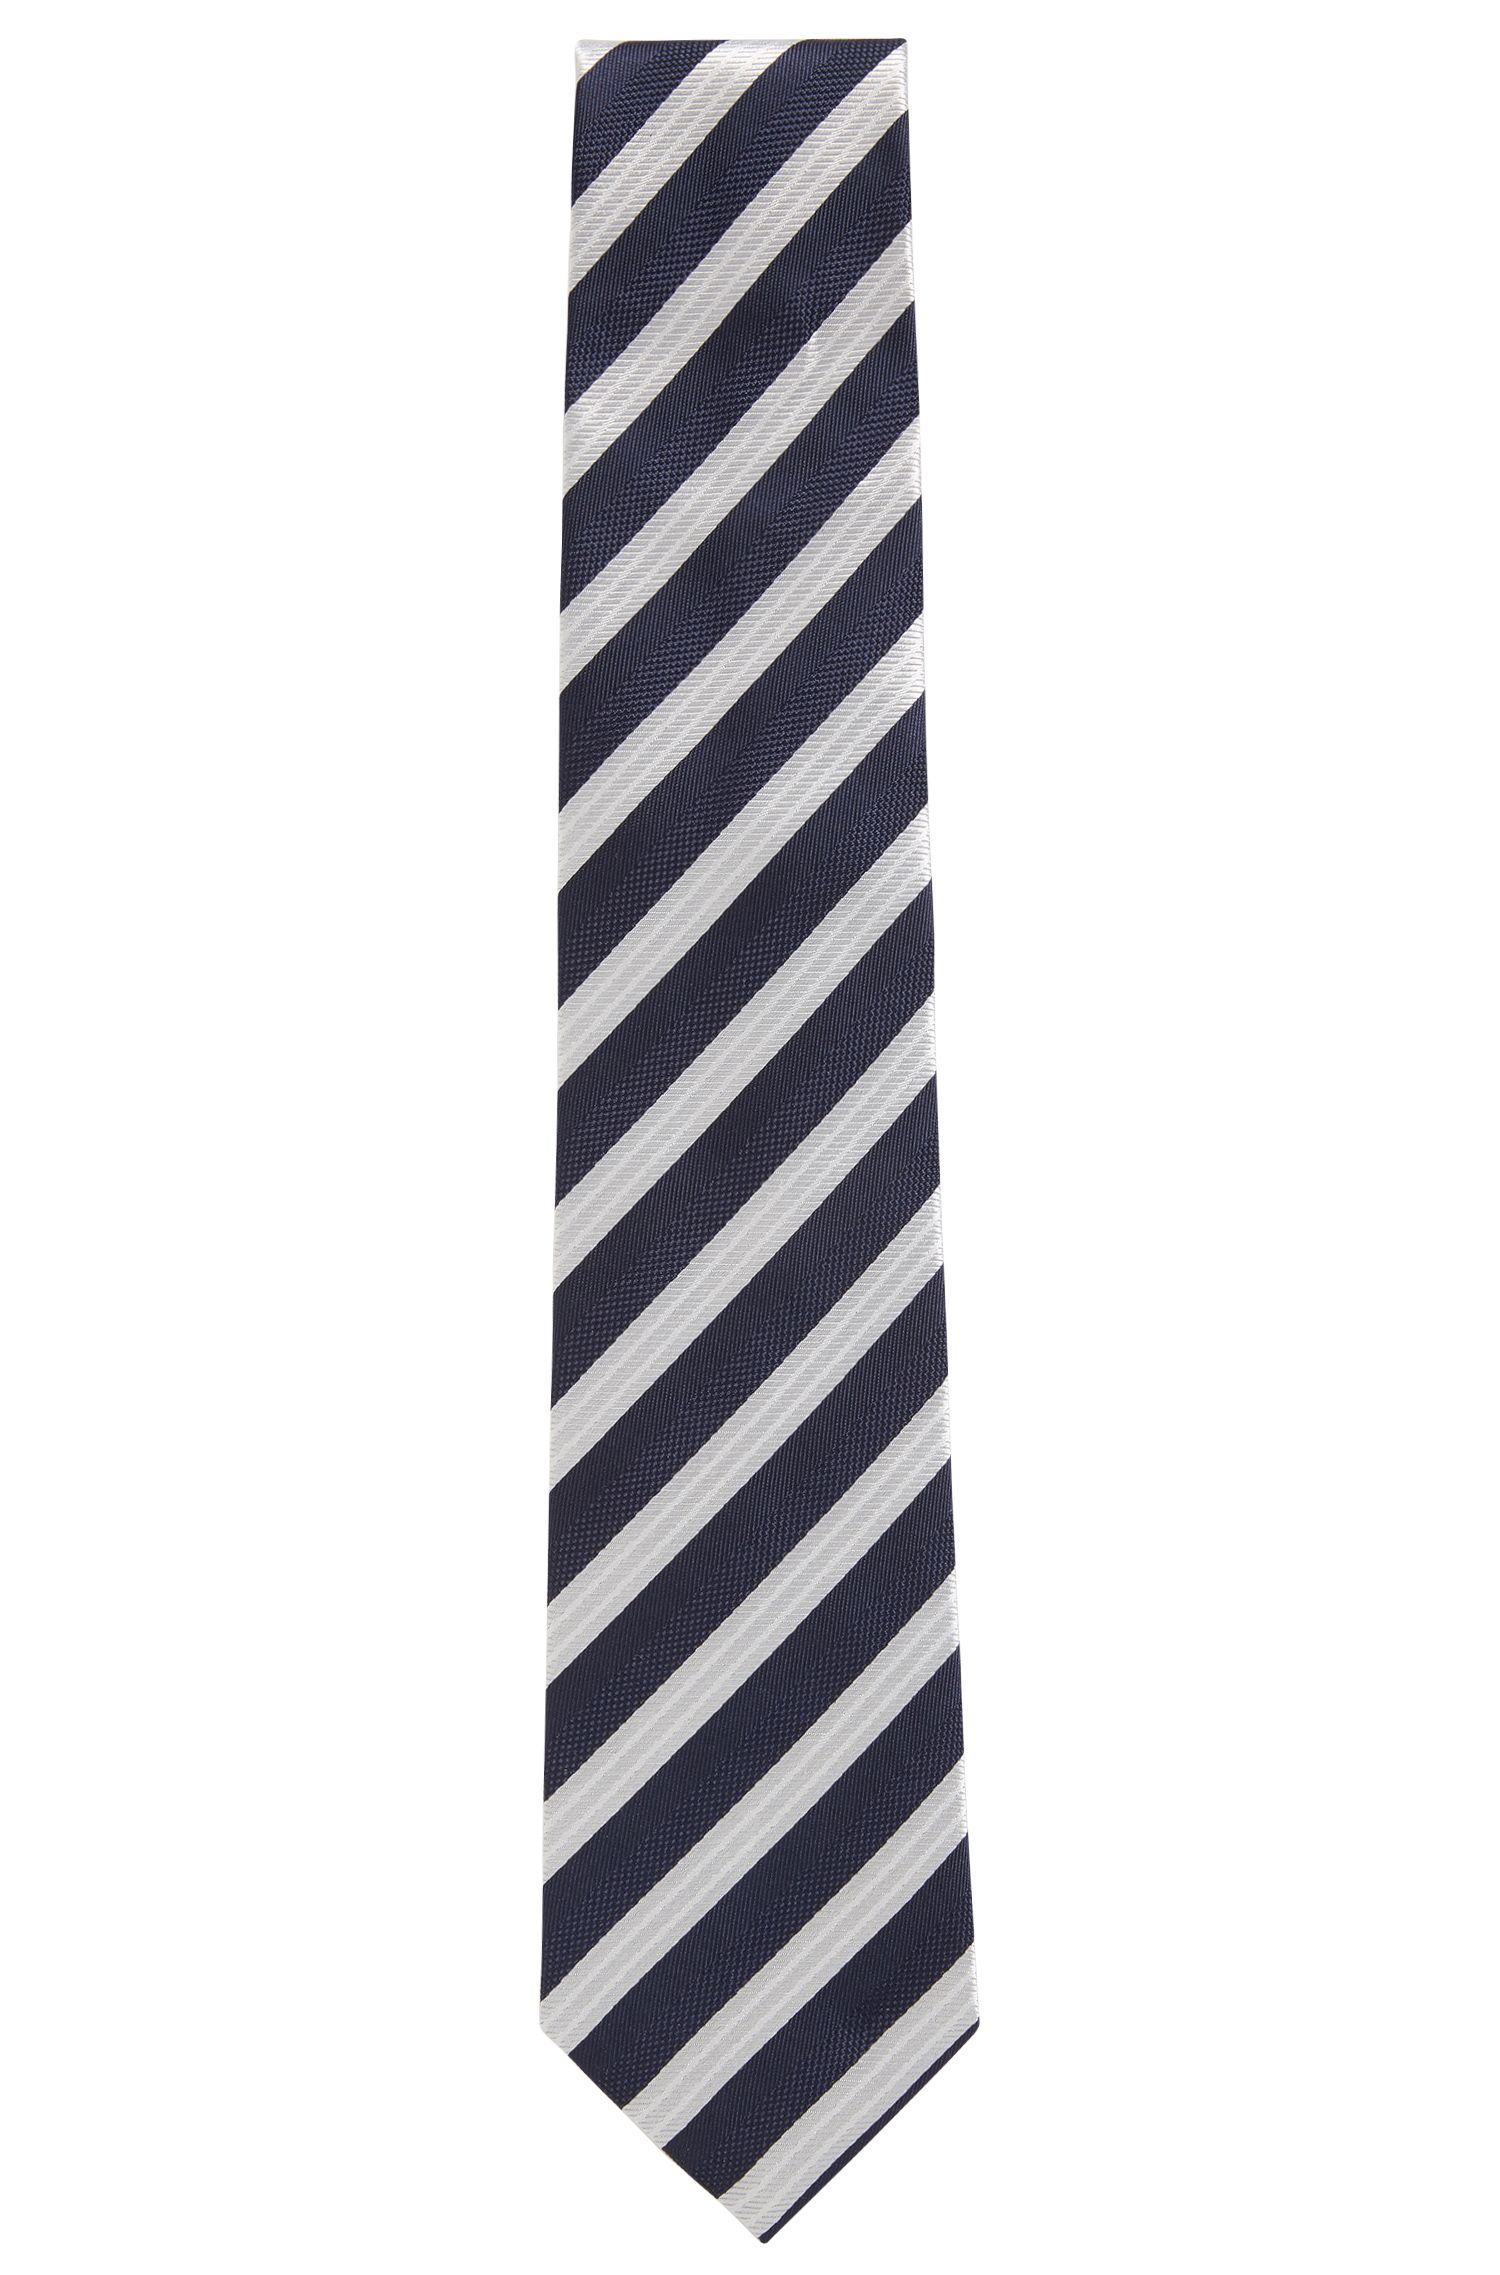 Diagonal striped tie in silk jacquard